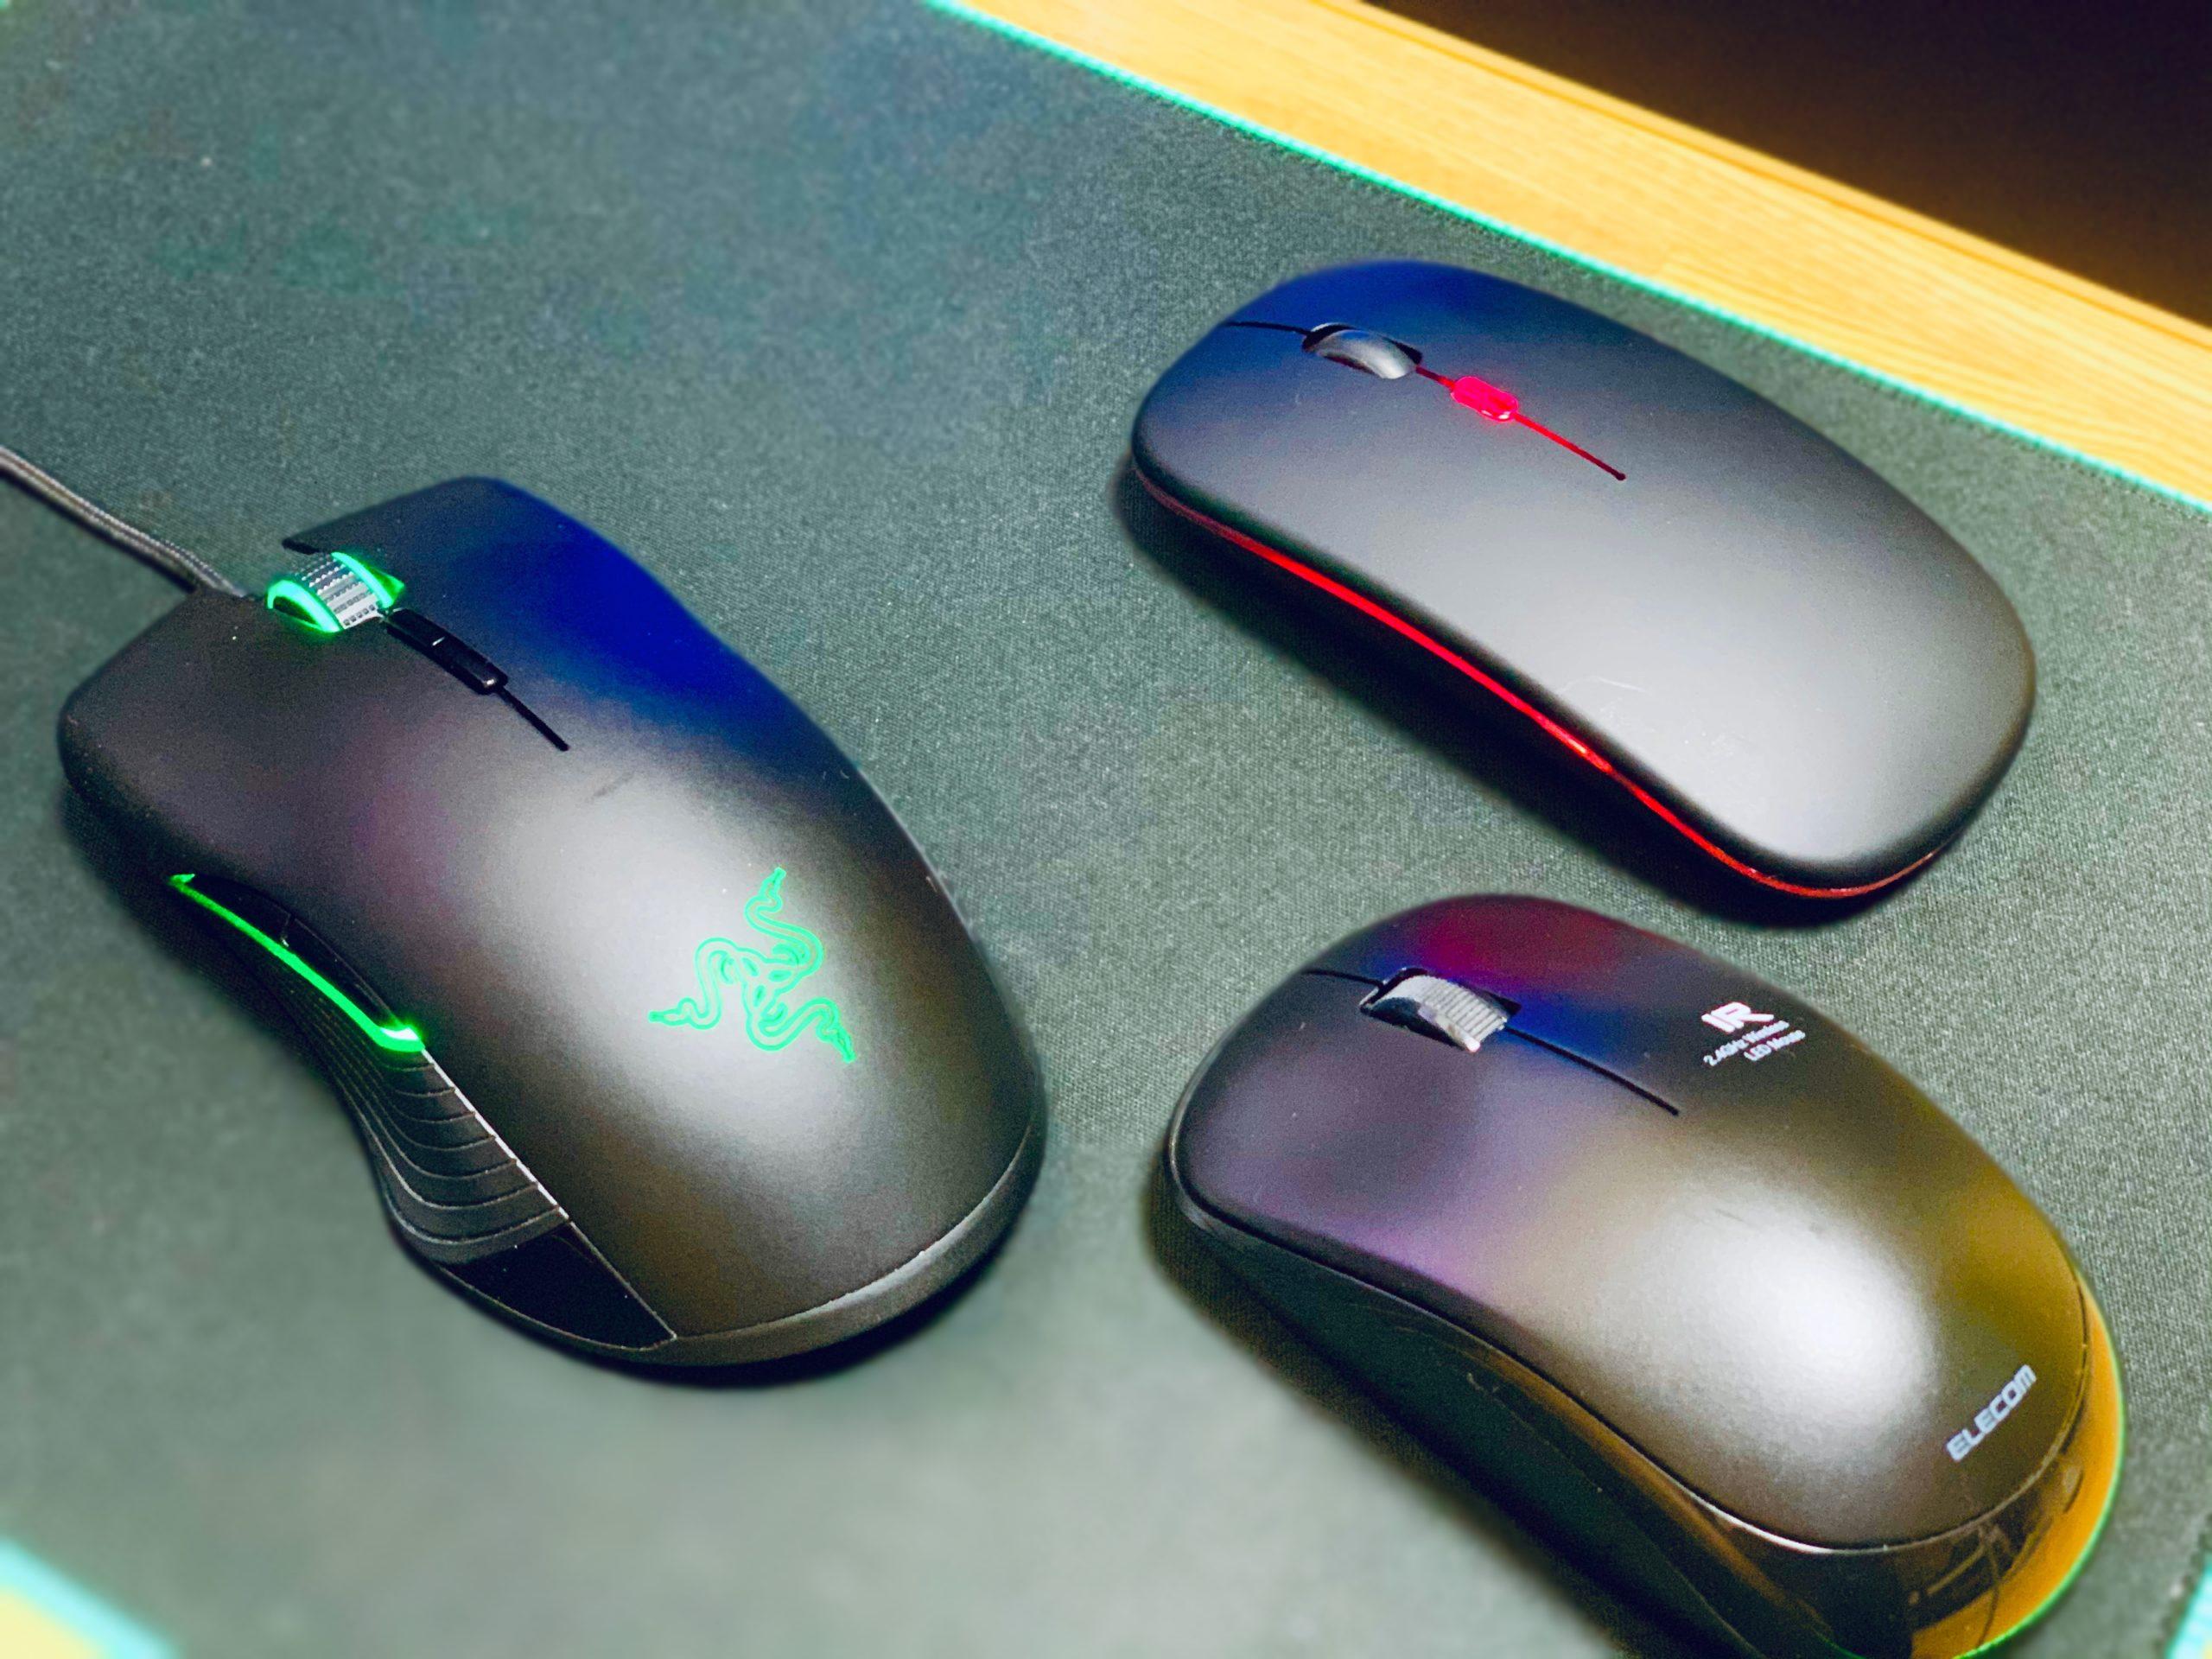 複数のマウス